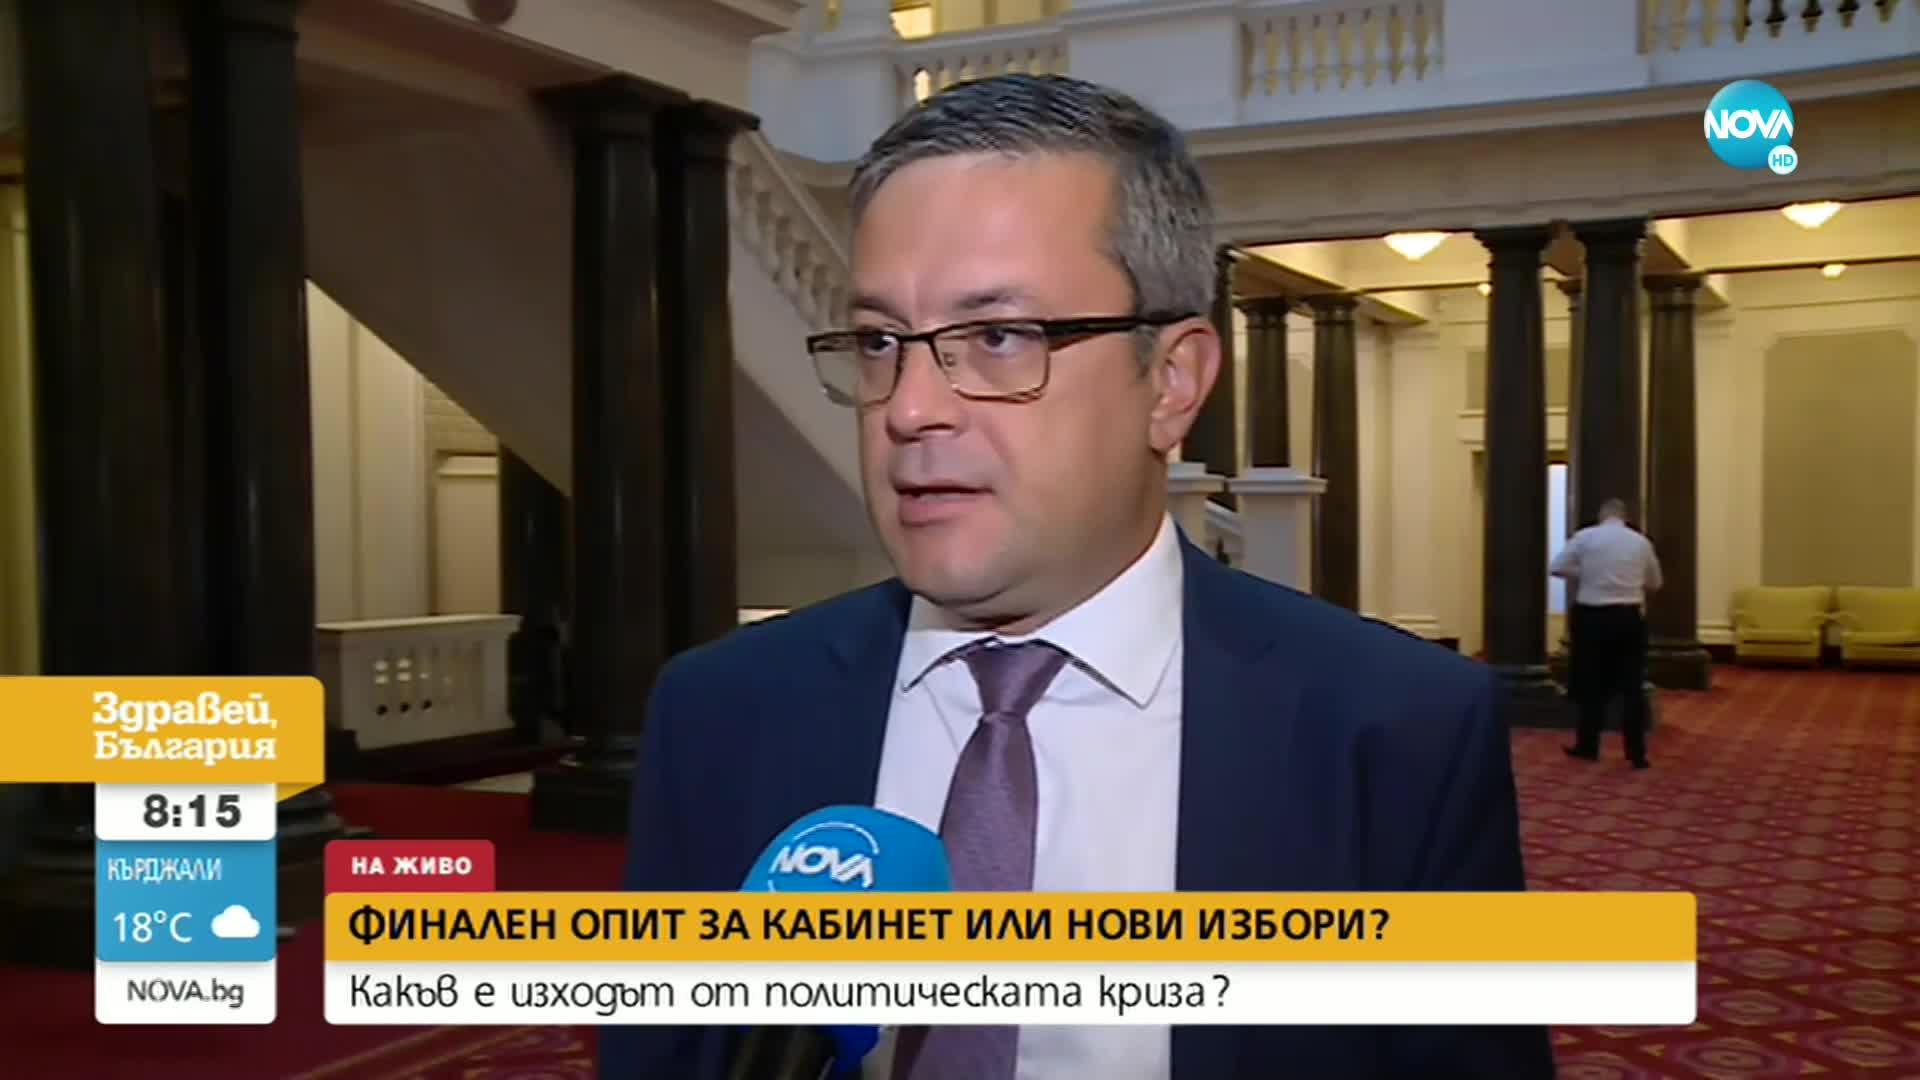 Биков: Цената на още едни предсрочни избори ще бъде платена от народа